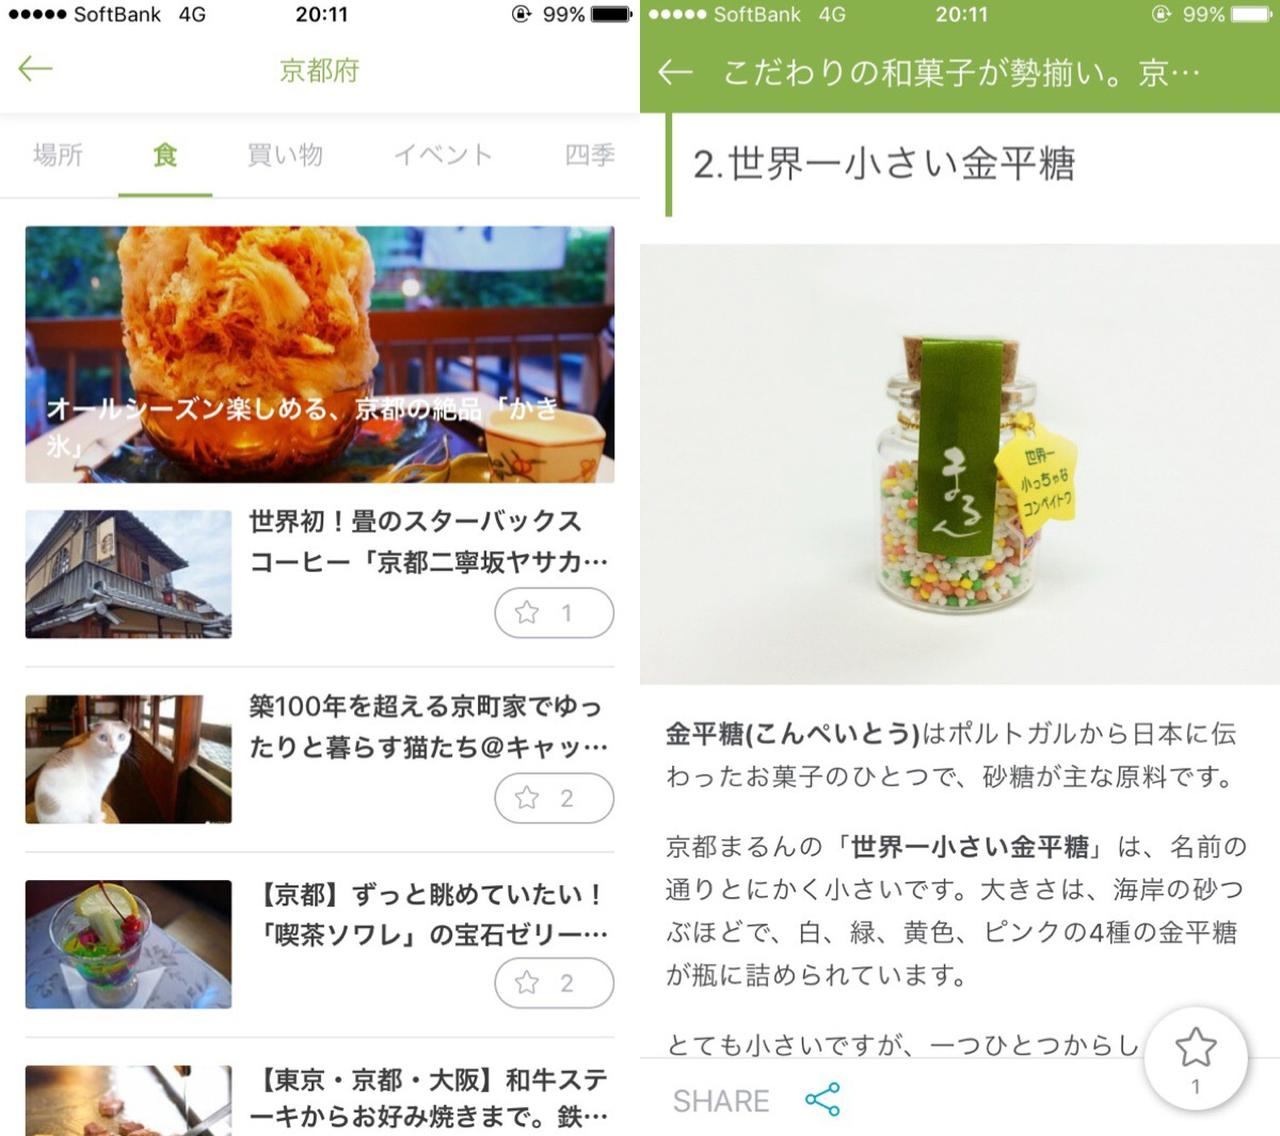 画像: 最新から定番まで美味しい食べ物情報も網羅!